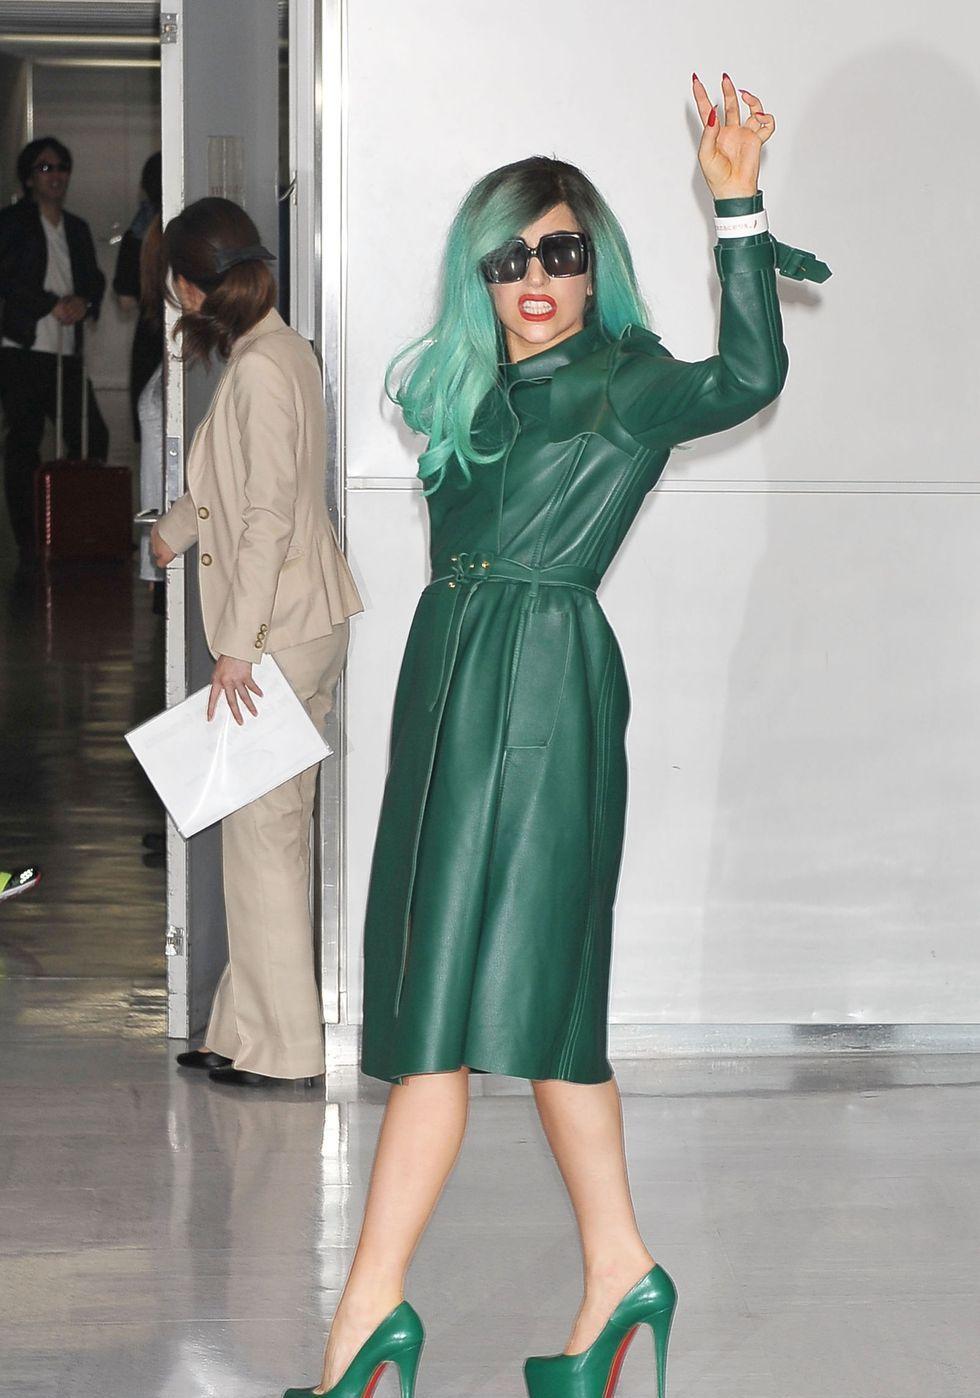 7张Lady Gaga最奇怪的机场装扮,这时尚,你敢模仿吗?